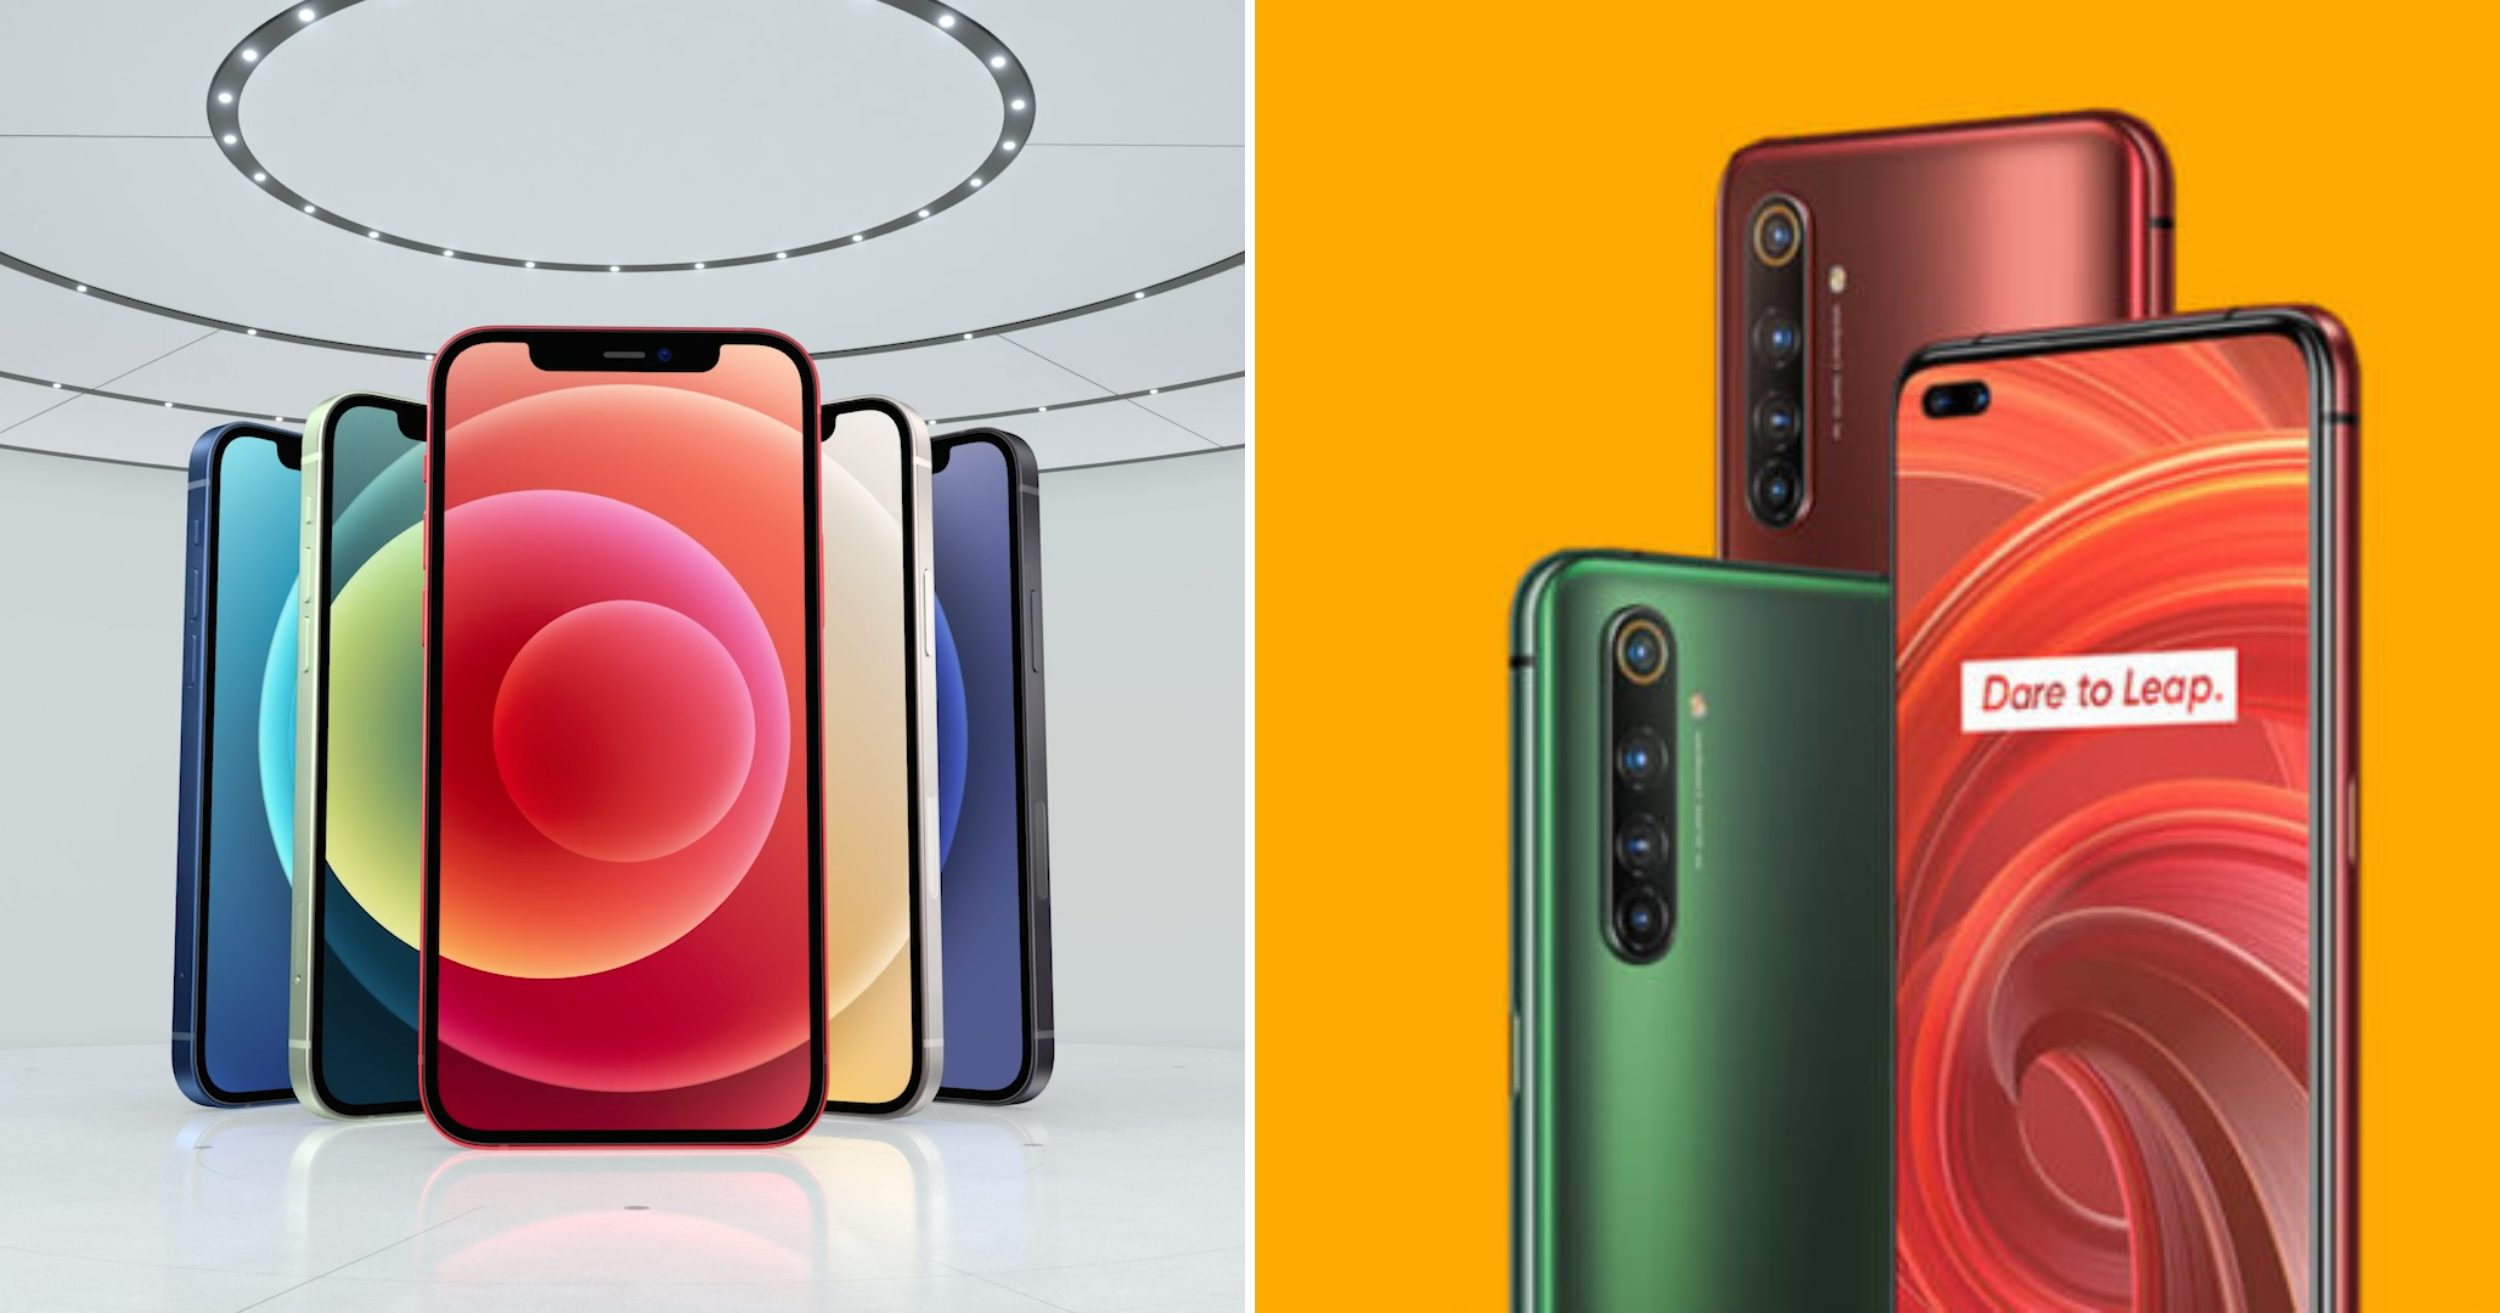 realme-x50-pro-5g-vs-iphone-12-12-pro-postpaid-comparison-massive-difference